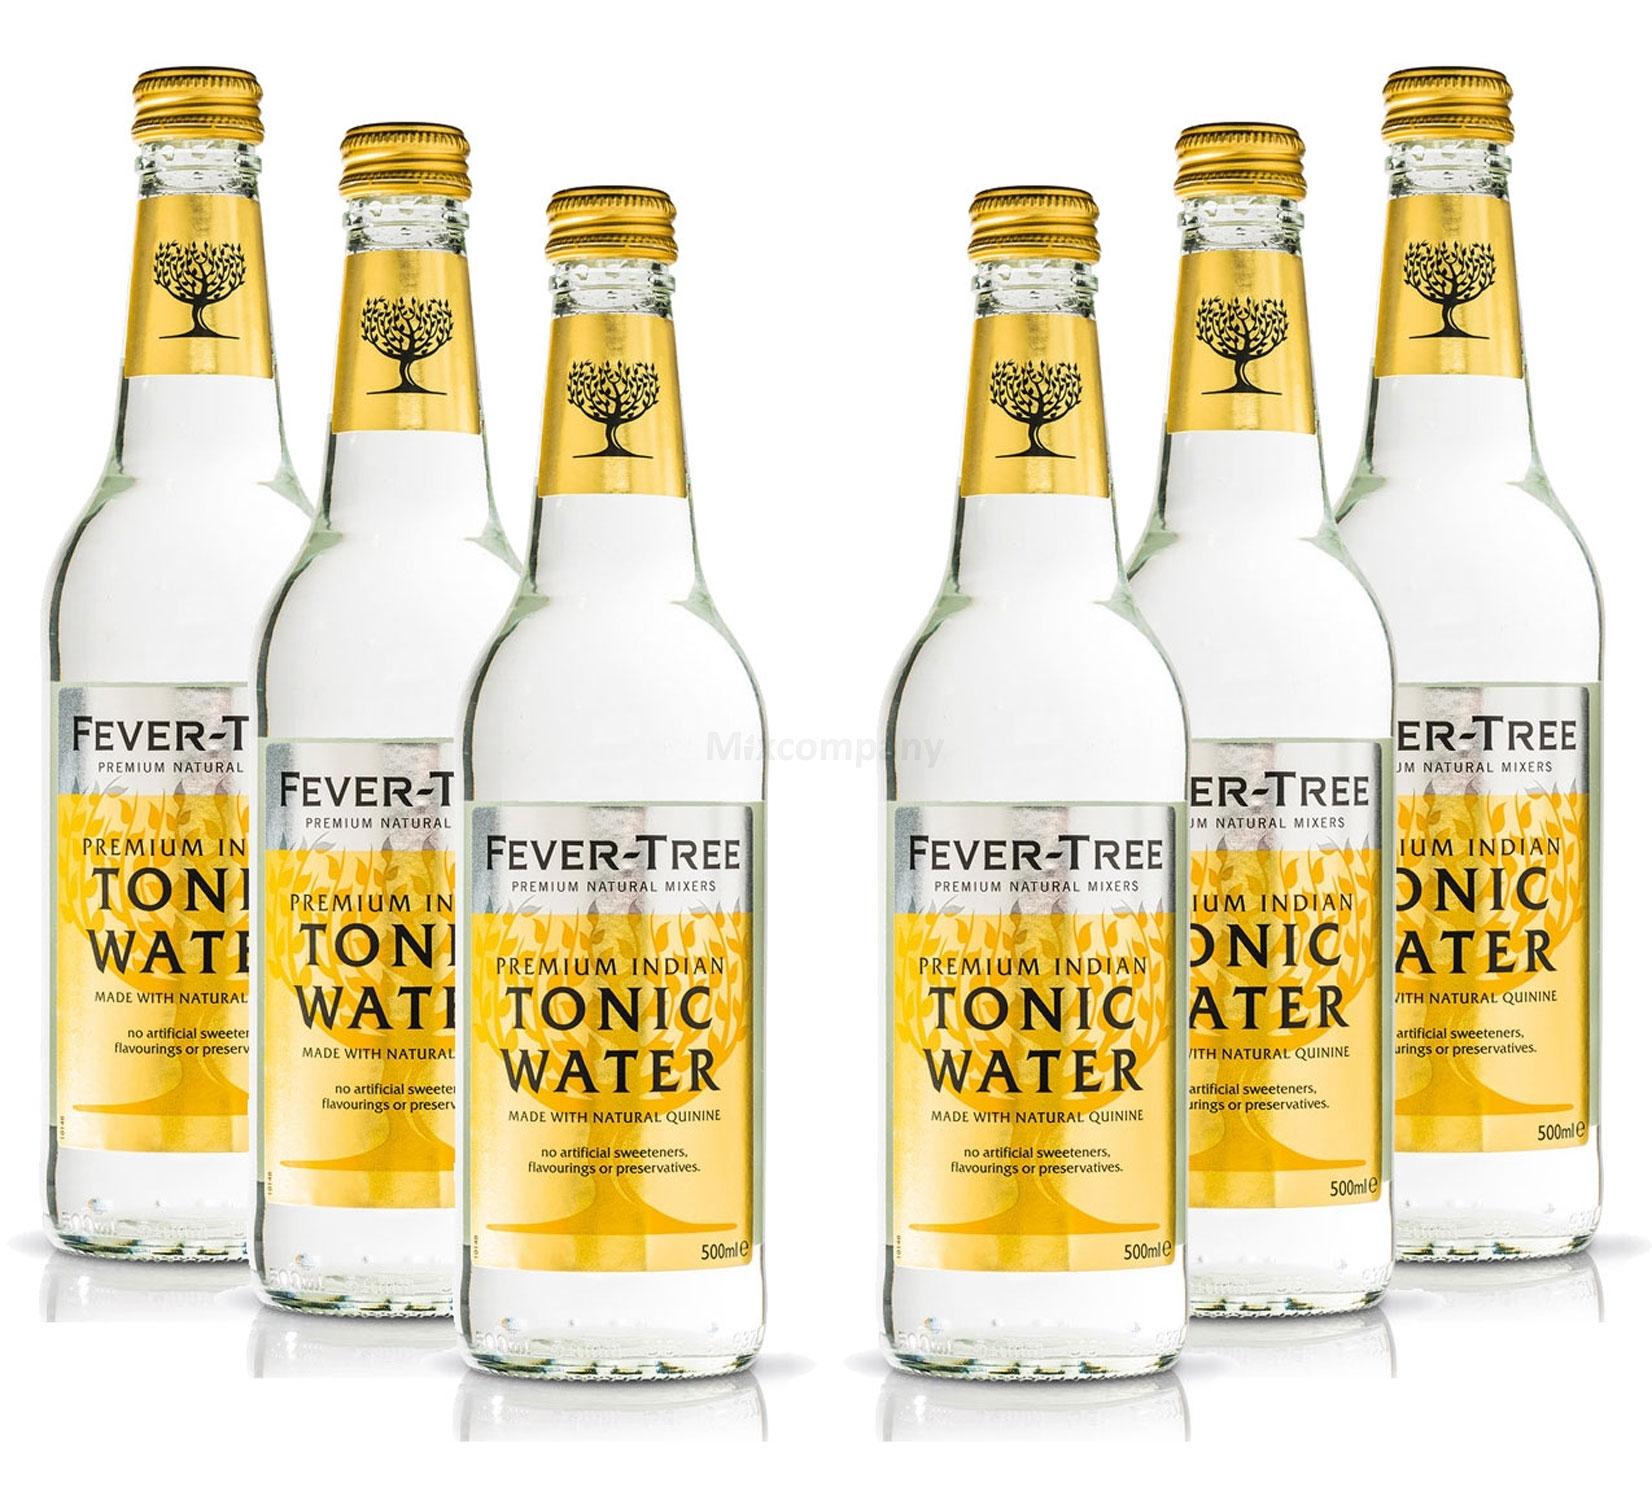 Fever-Tree Premium Indian Tonic Water 6x 500ml = 3000ml - Inkl. Pfand MEHRWEG